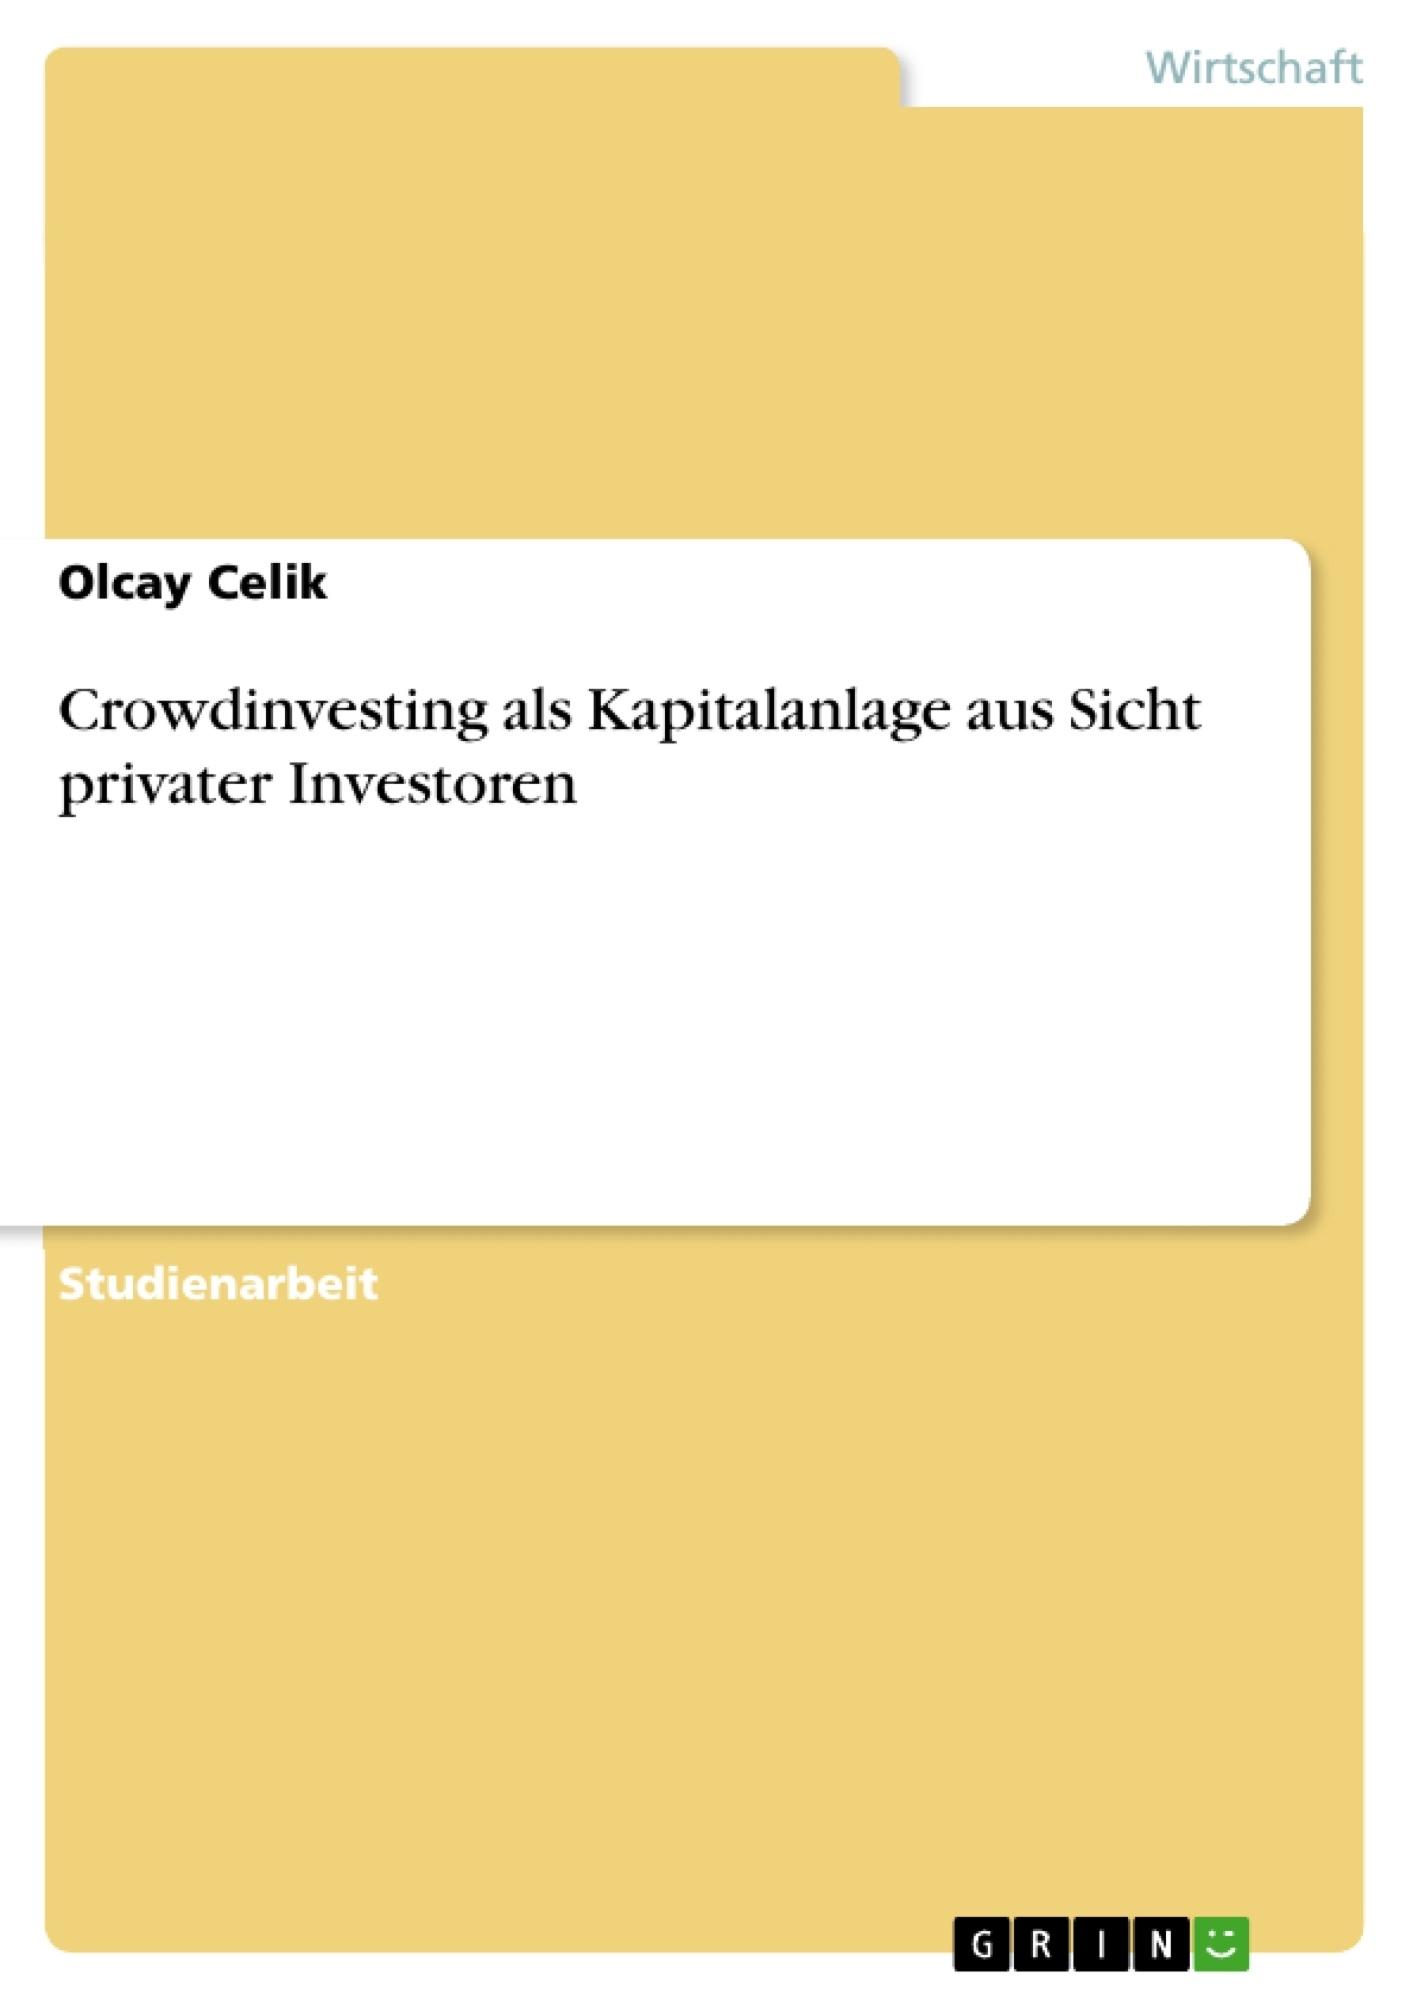 Titel: Crowdinvesting als Kapitalanlage aus Sicht privater Investoren